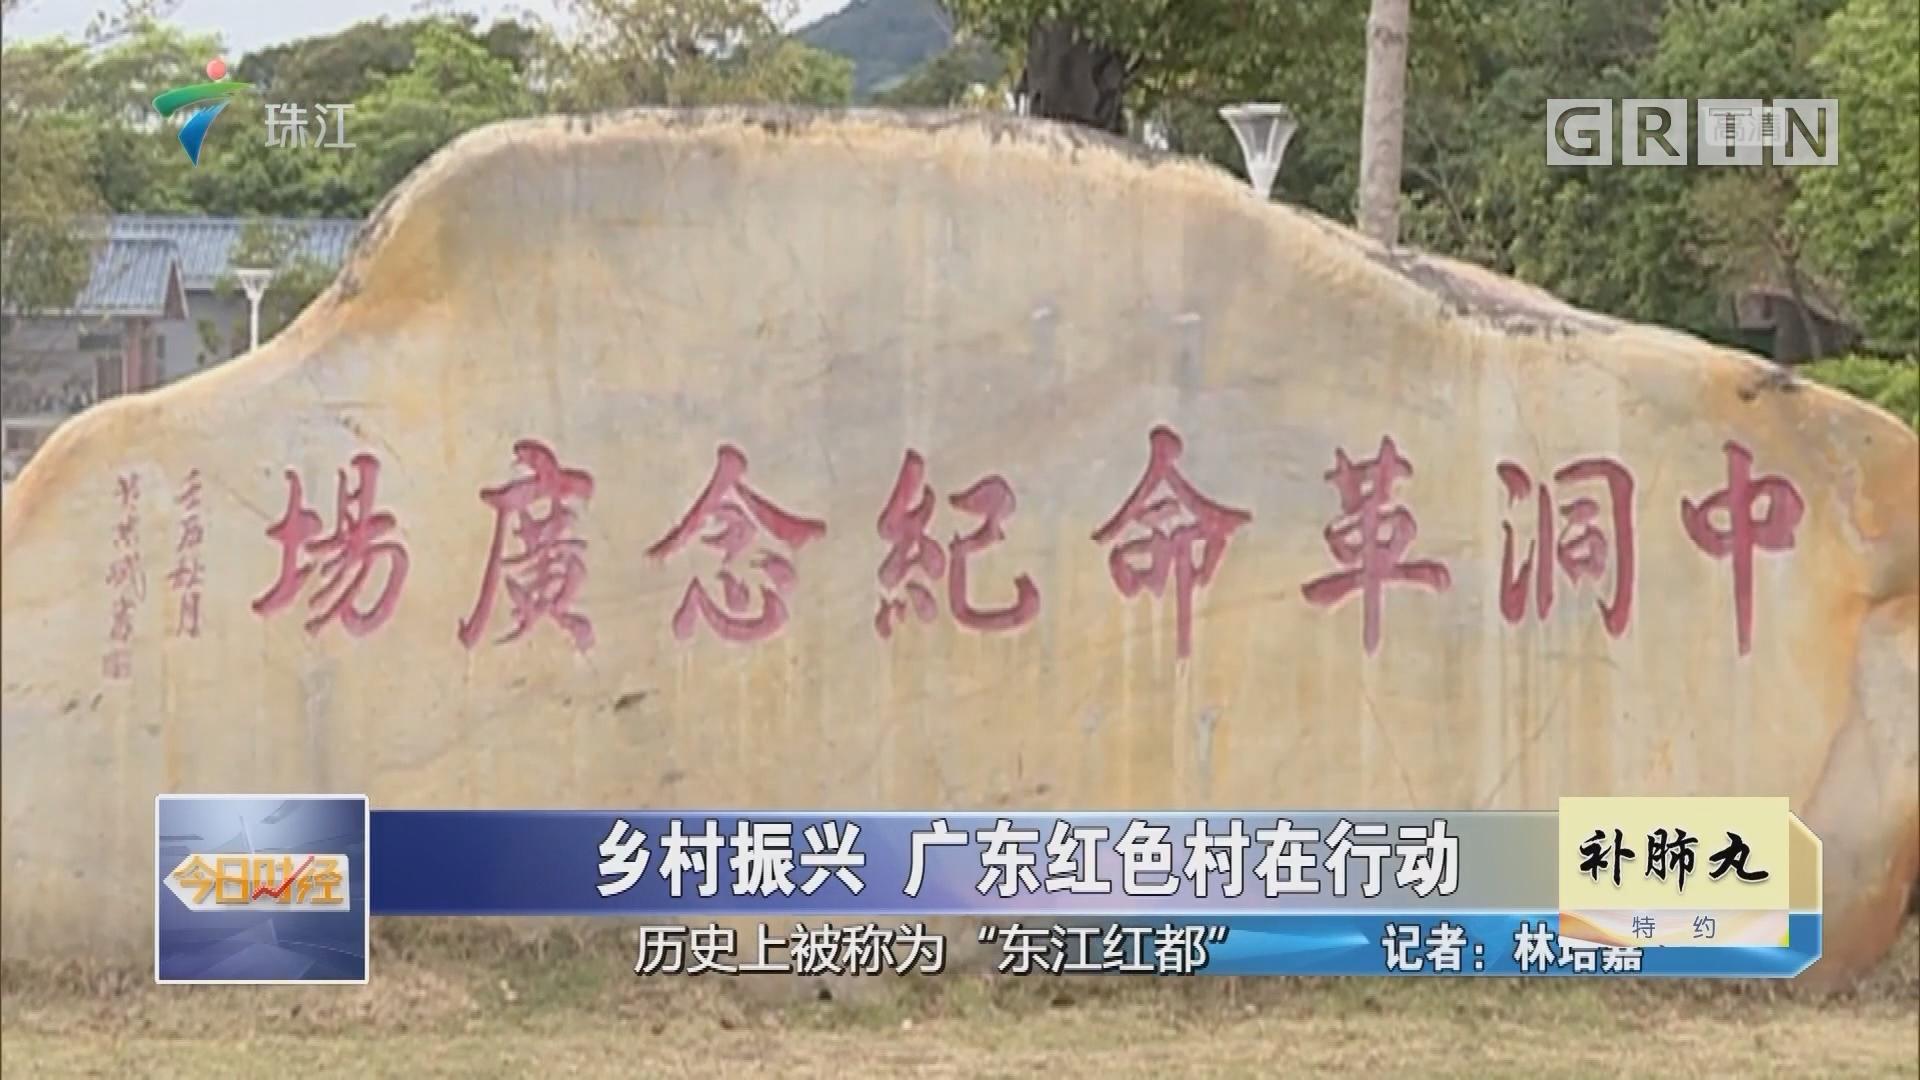 乡村振兴 广东红色村在行动